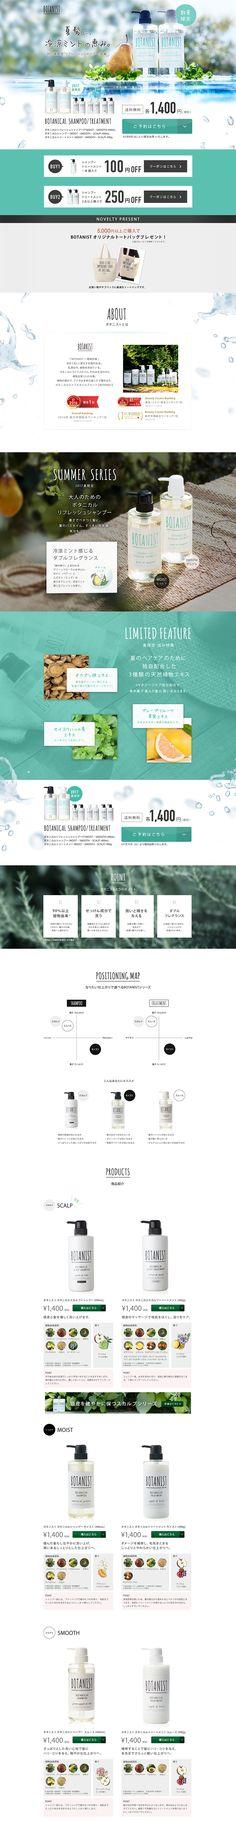 ボタニカル リフレッシュシャンプー WEBデザイナーさん必見!ランディングページのデザイン参考に(キレイ系)